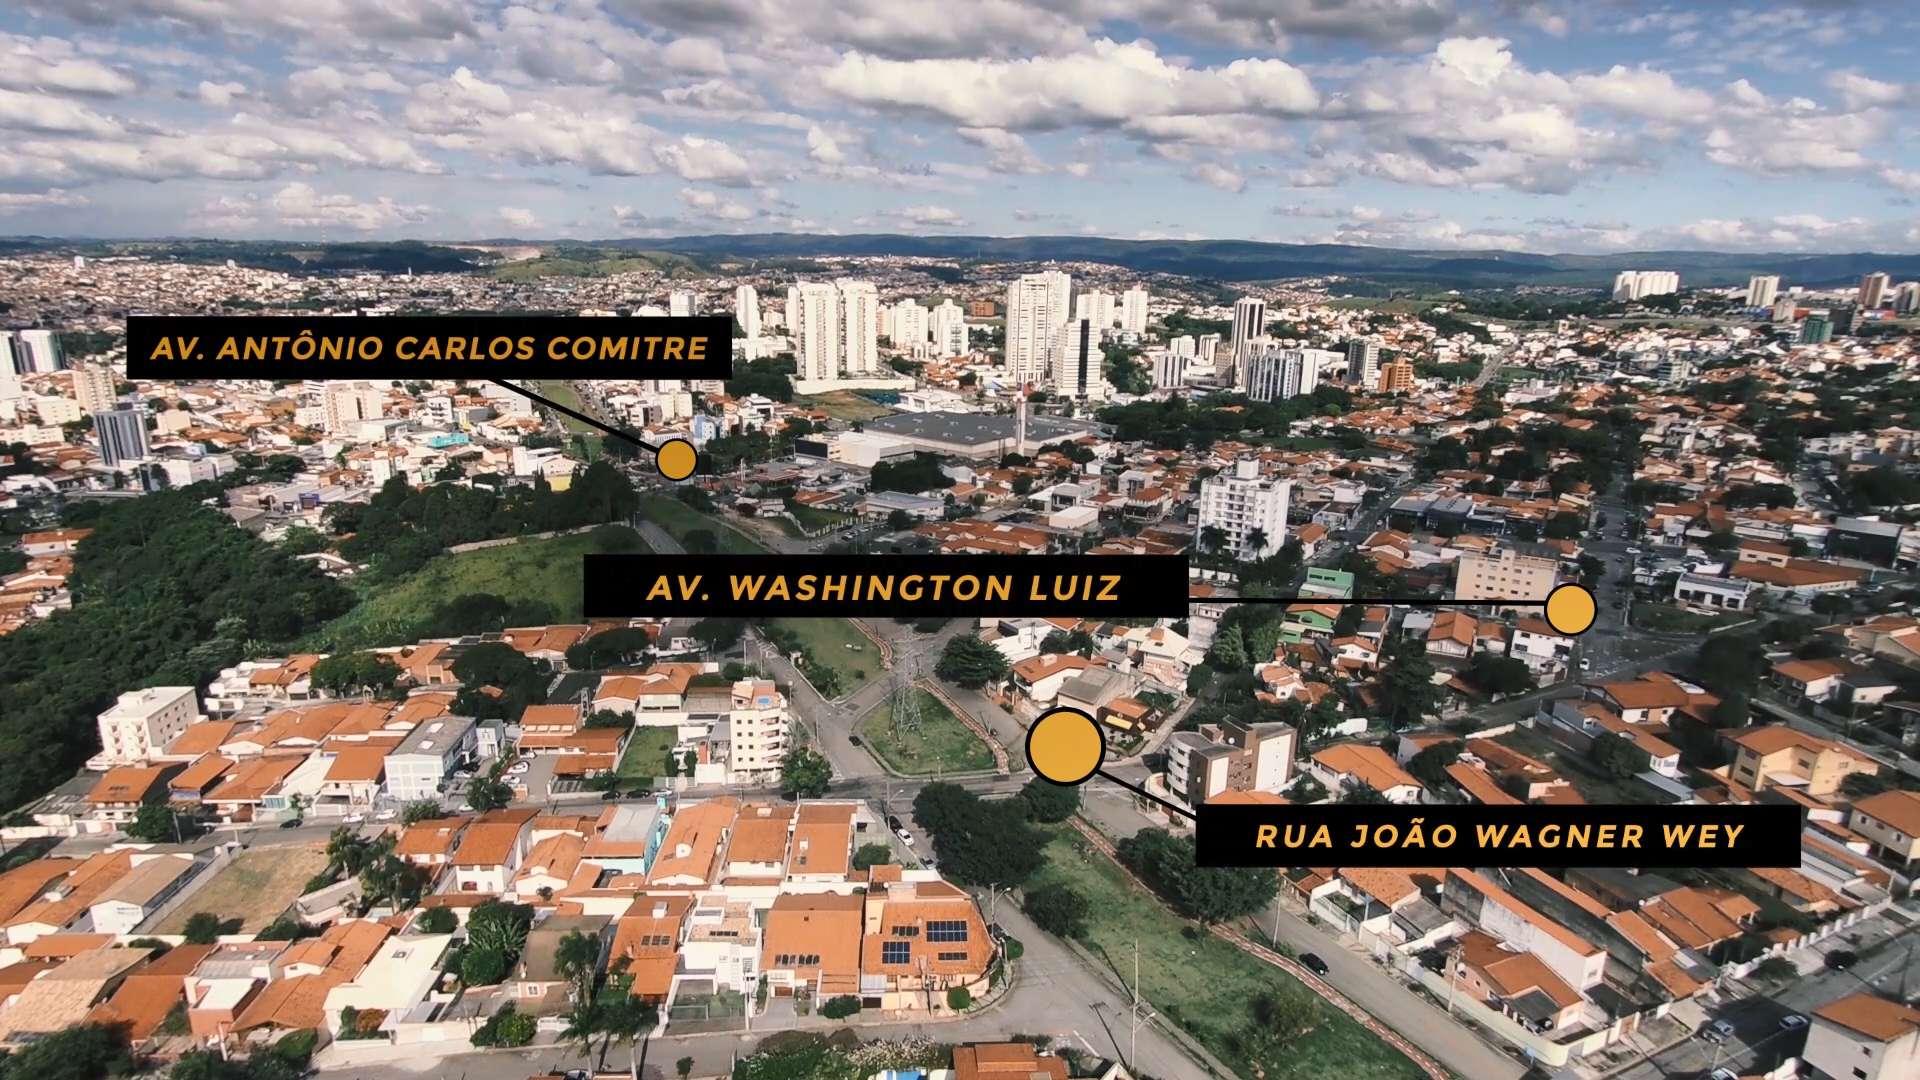 Imagem SALAS PRIVATIVAS - 2 a 8 pessoas